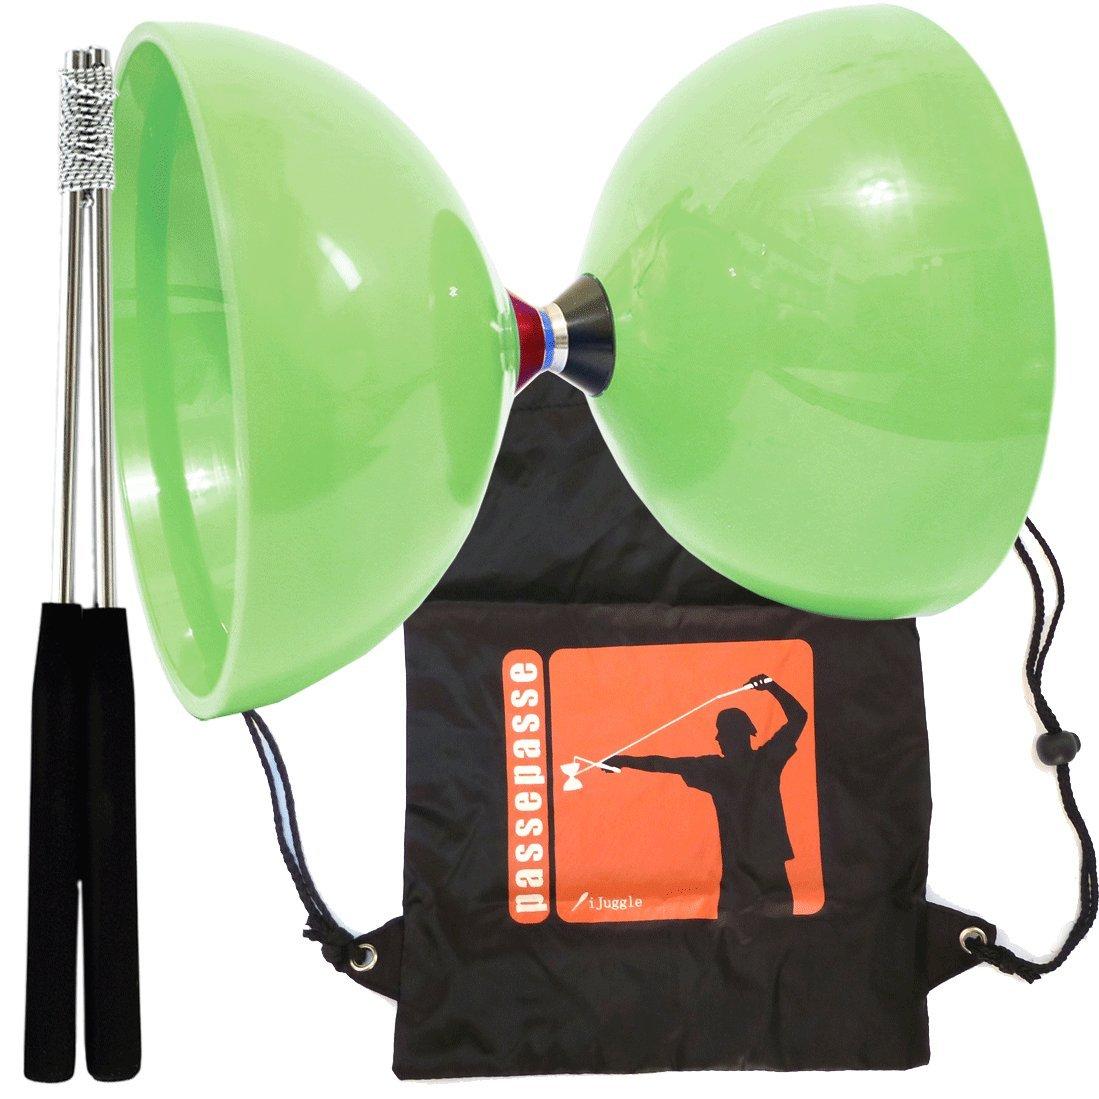 Kit grün Diabolo MHD dreifache Lagerkupplung Diabolo mit Aluminium Bedienelemente & Rucksack